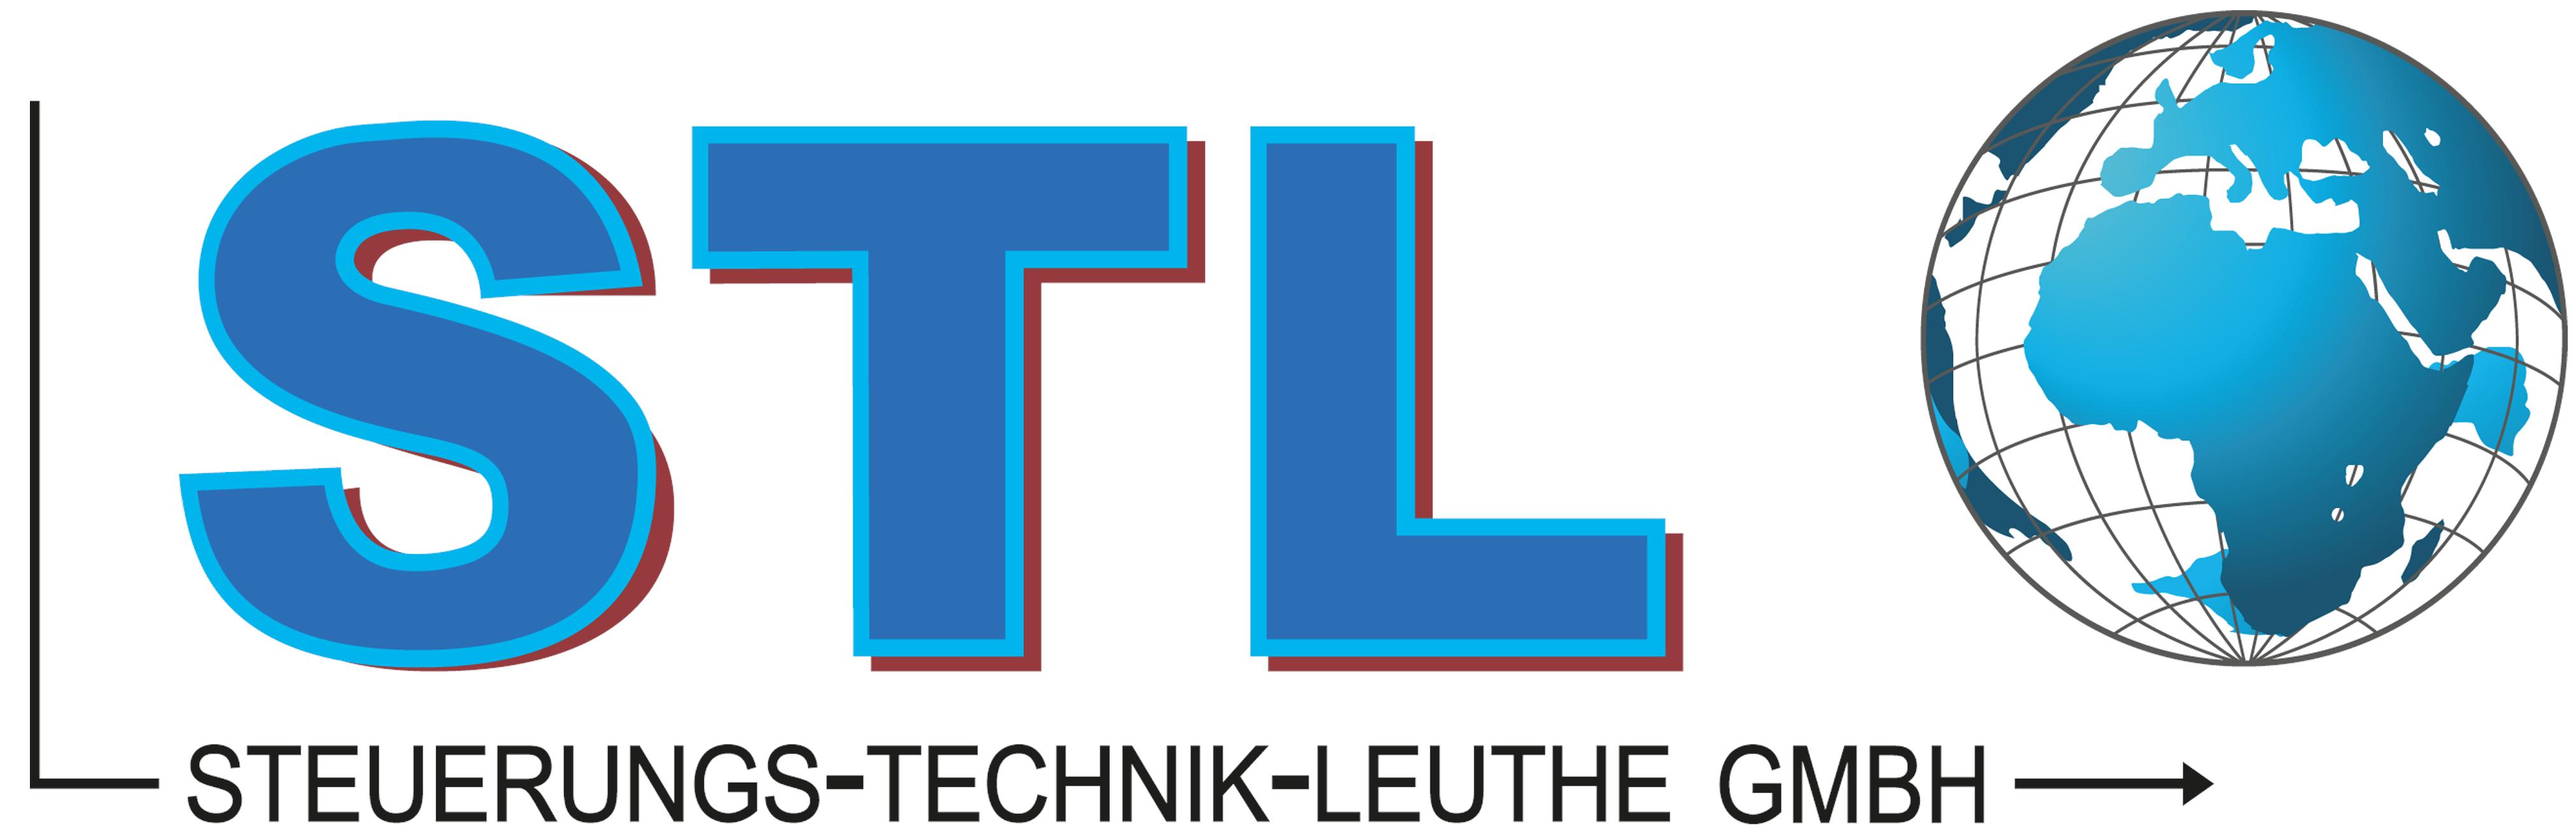 STL Steuerungs-Technik-Leuthe GmbH